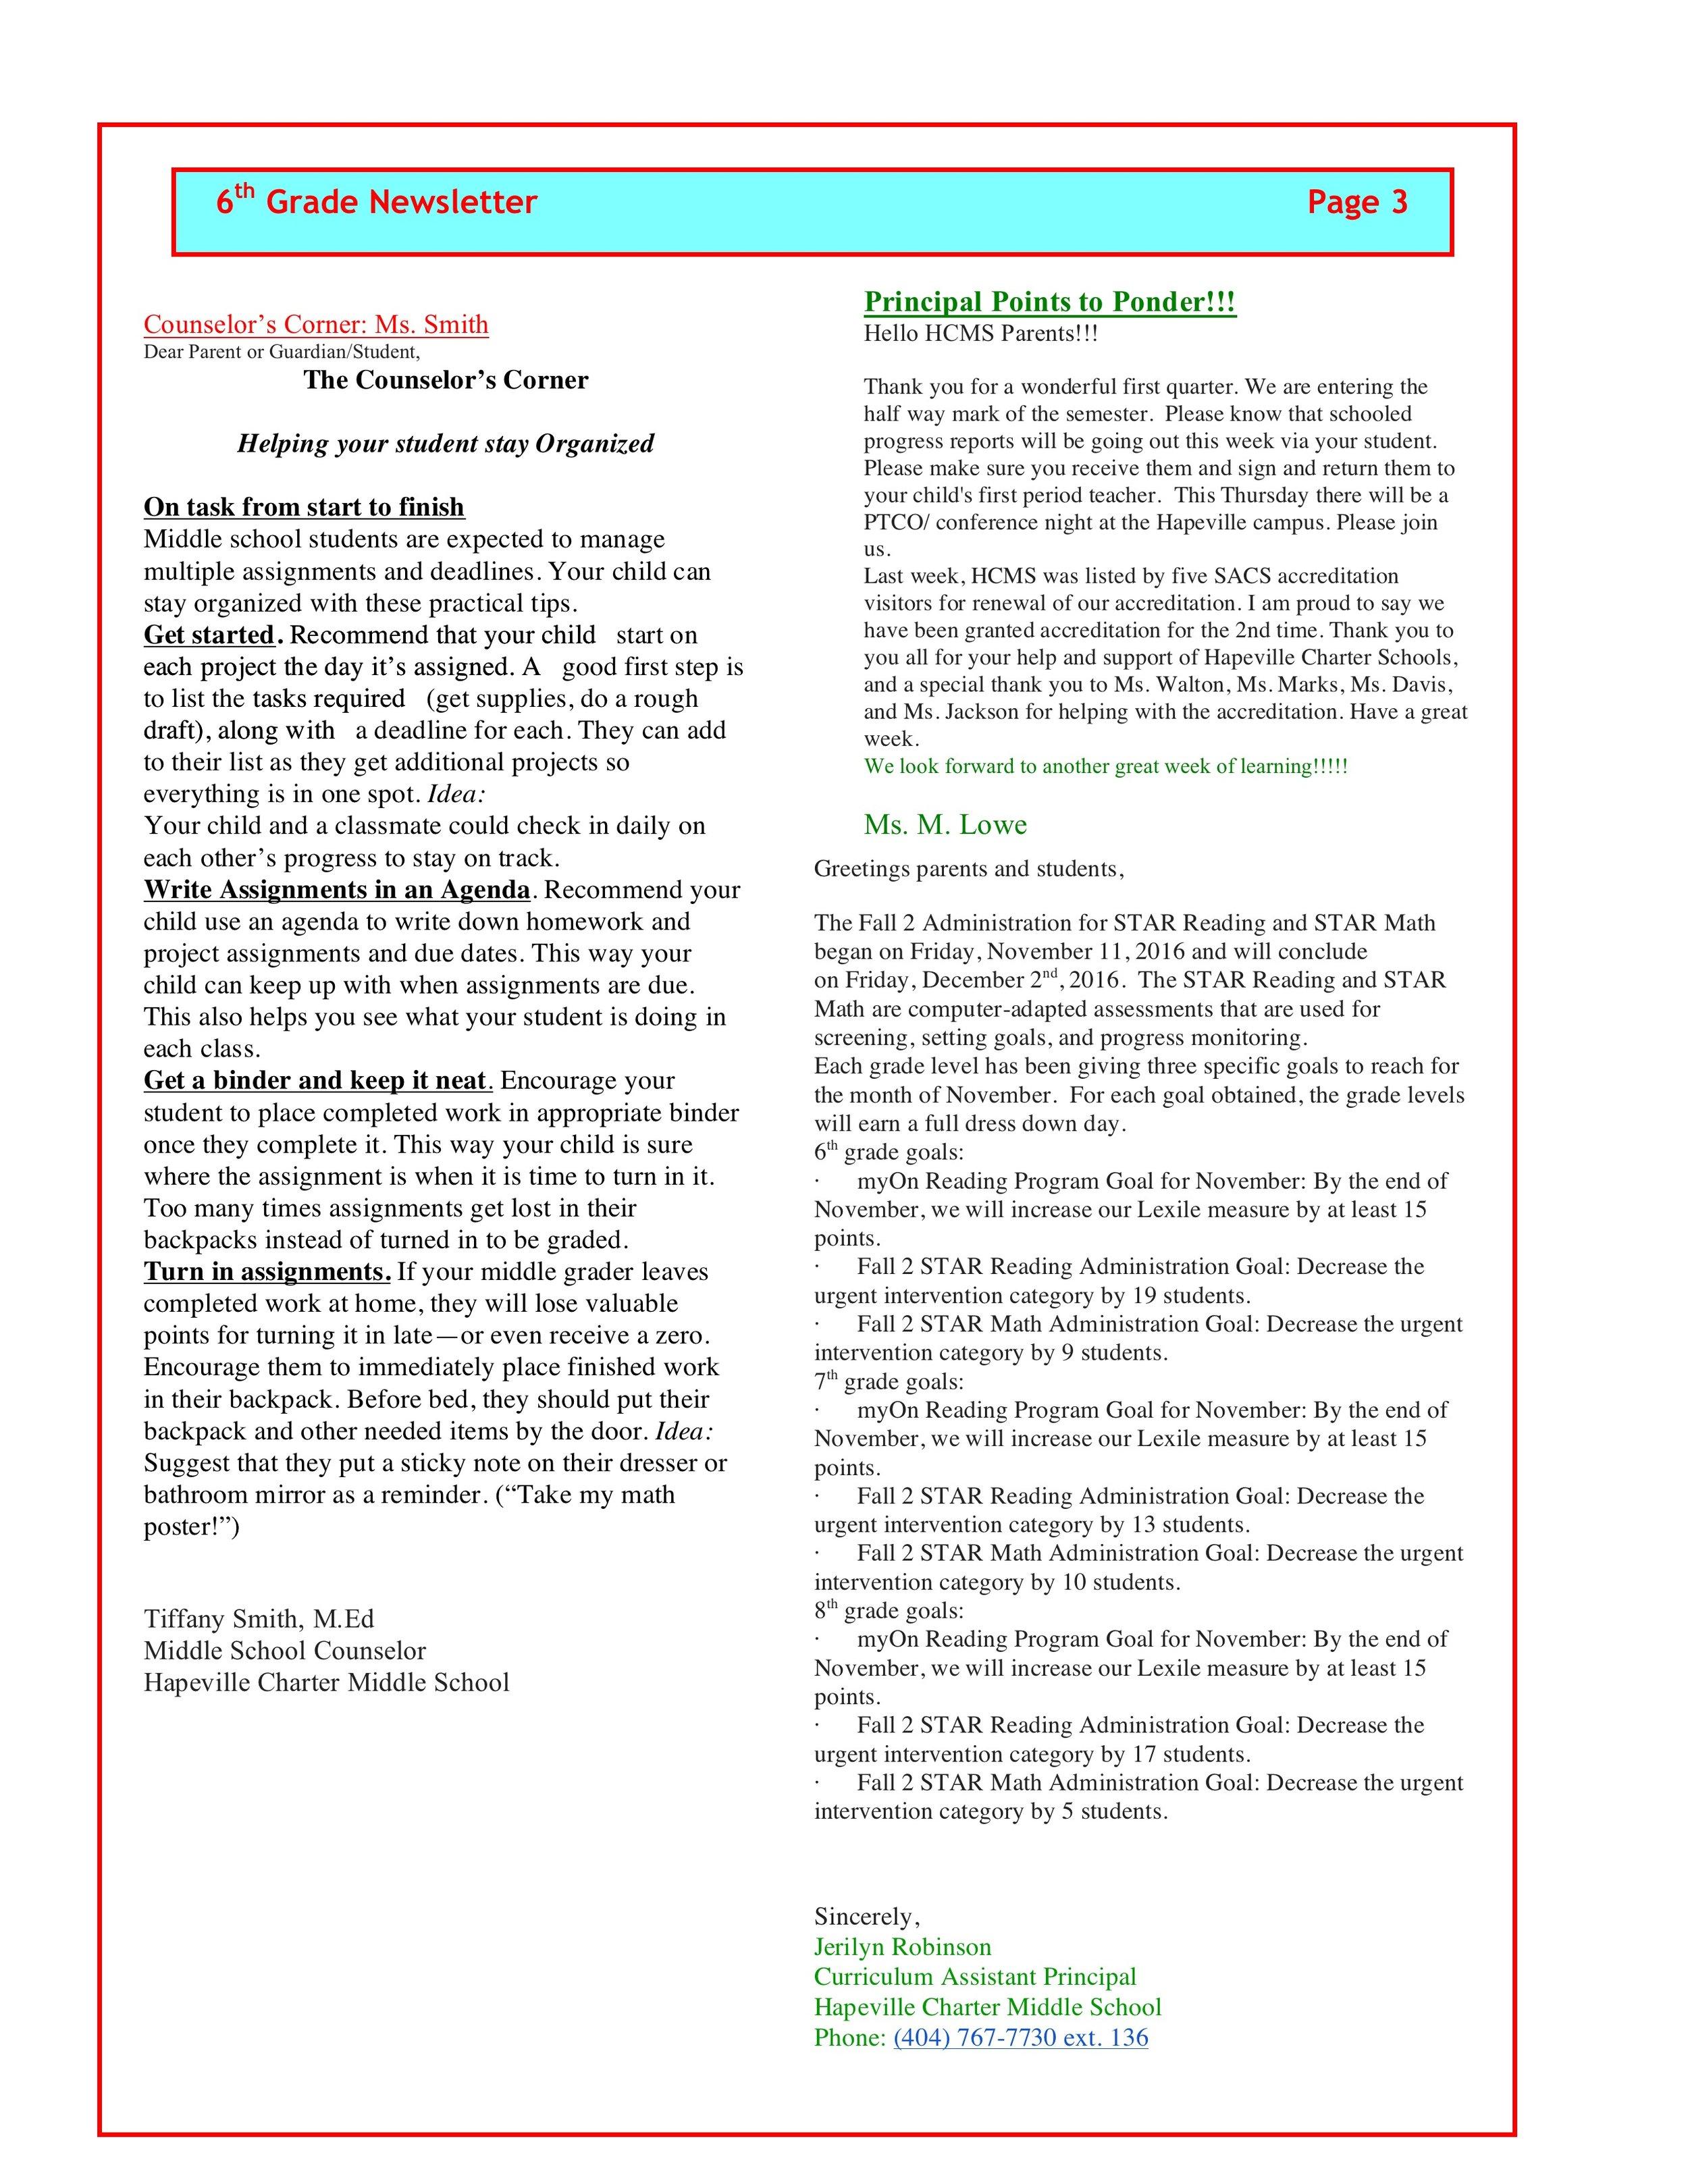 Newsletter Image6th Grade Newsletter 11-28 3.jpeg